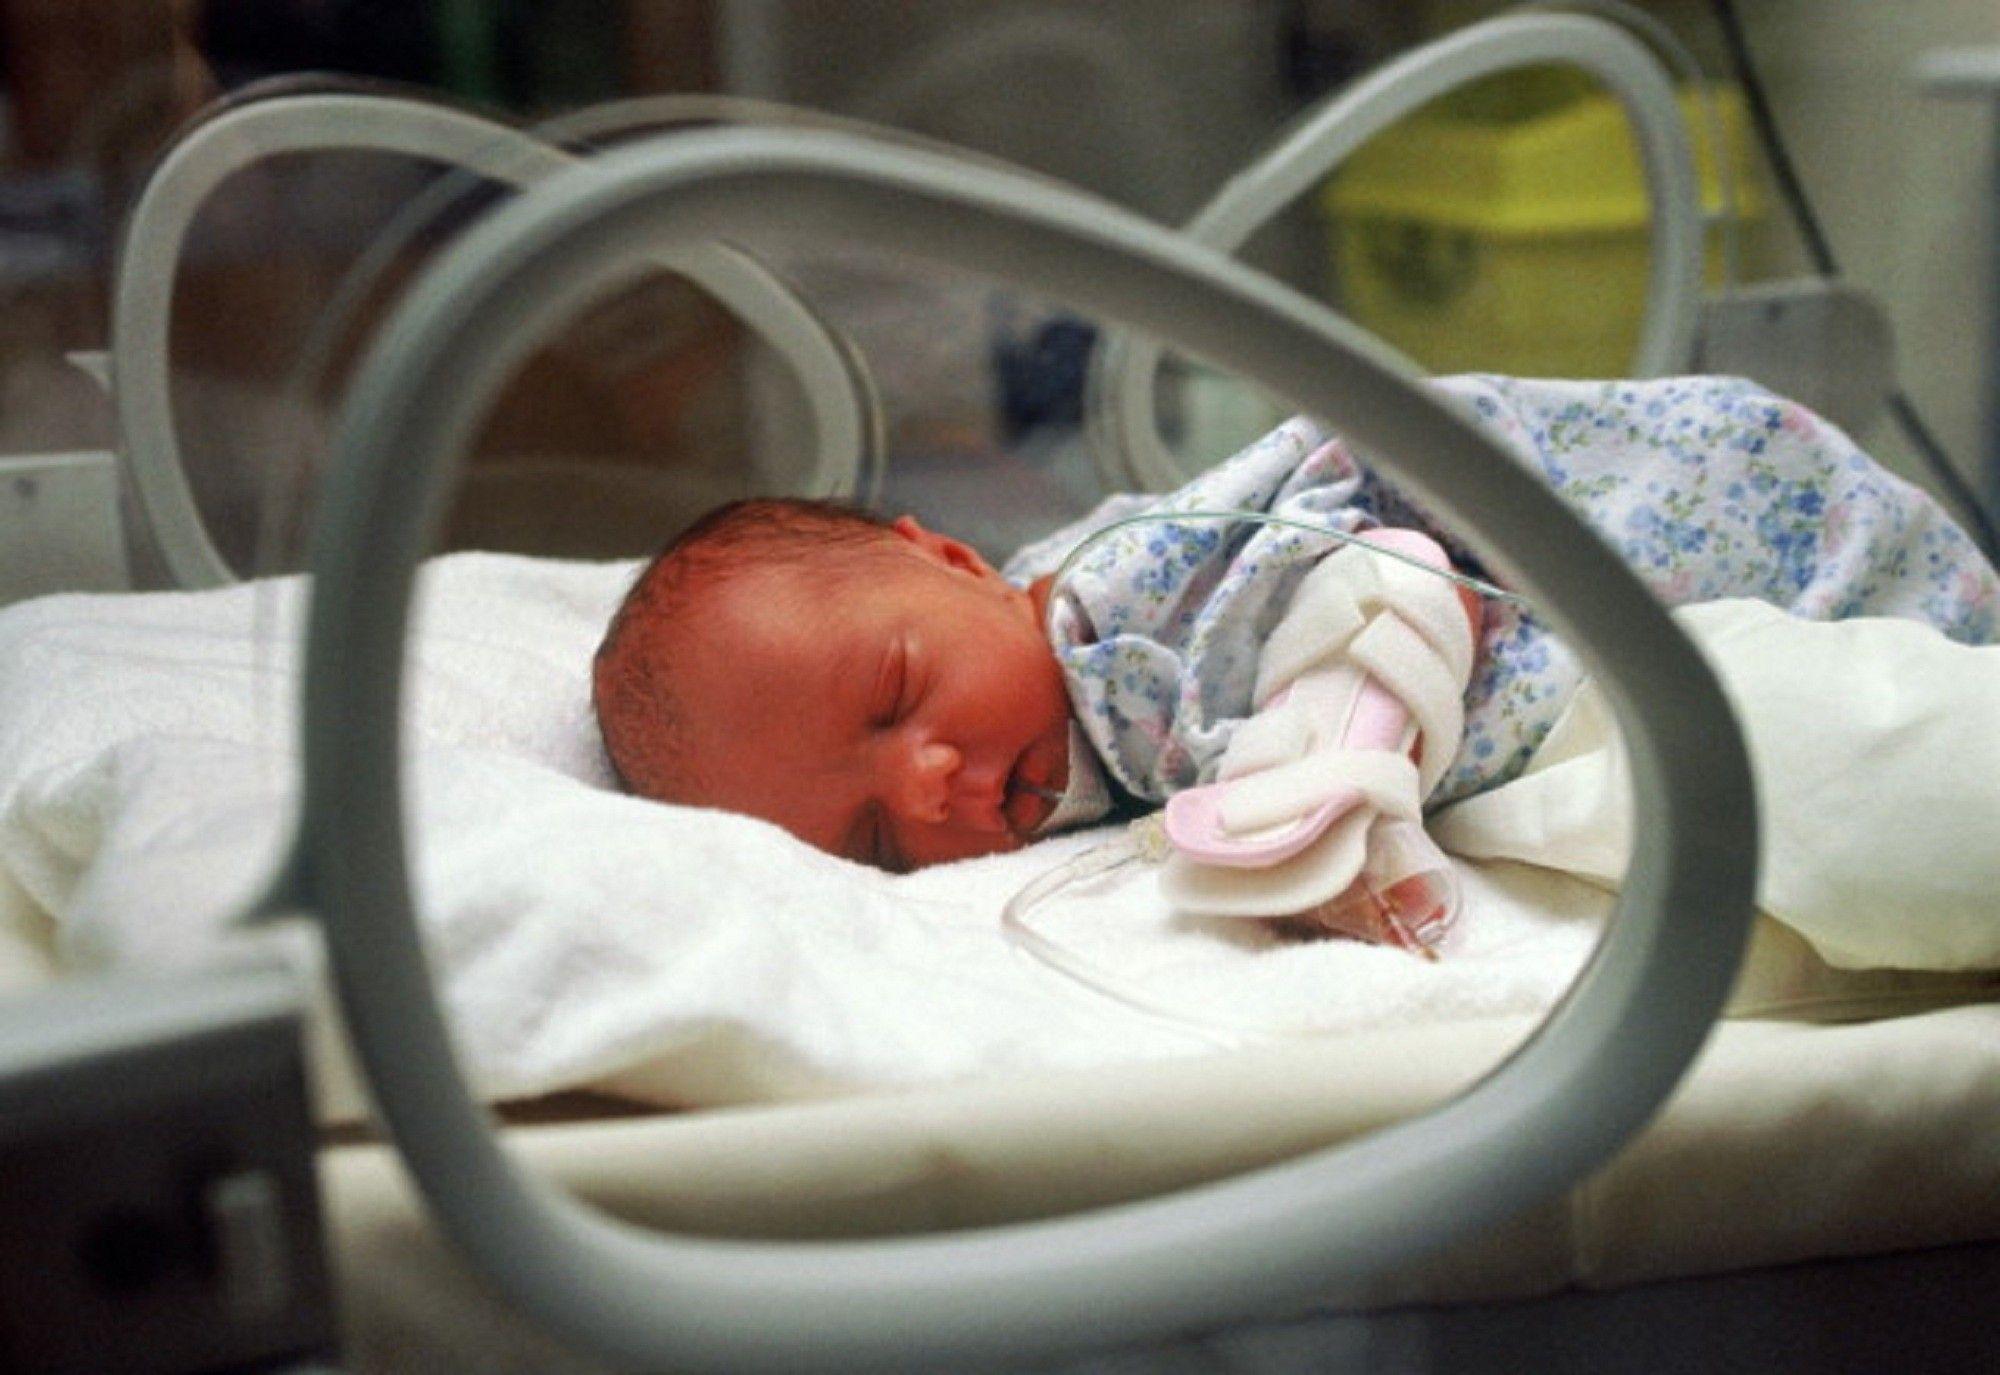 Фото рожденного ребенка в 37 недель беременности